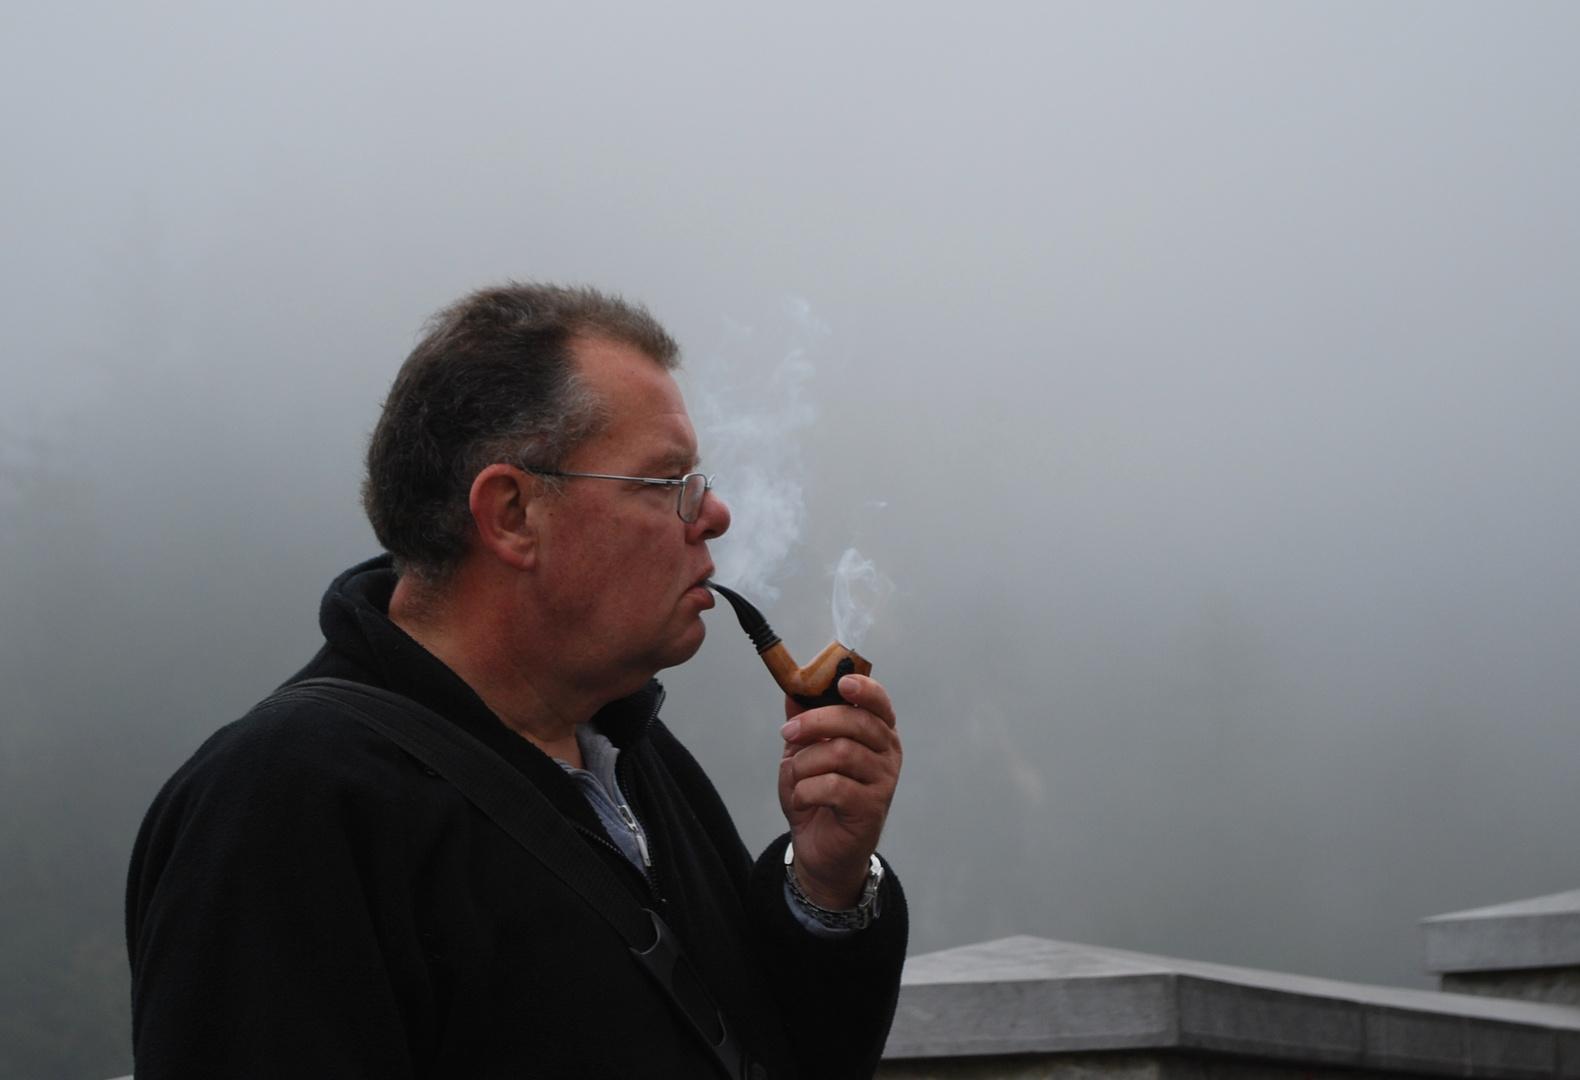 Nebel oder Rauch?